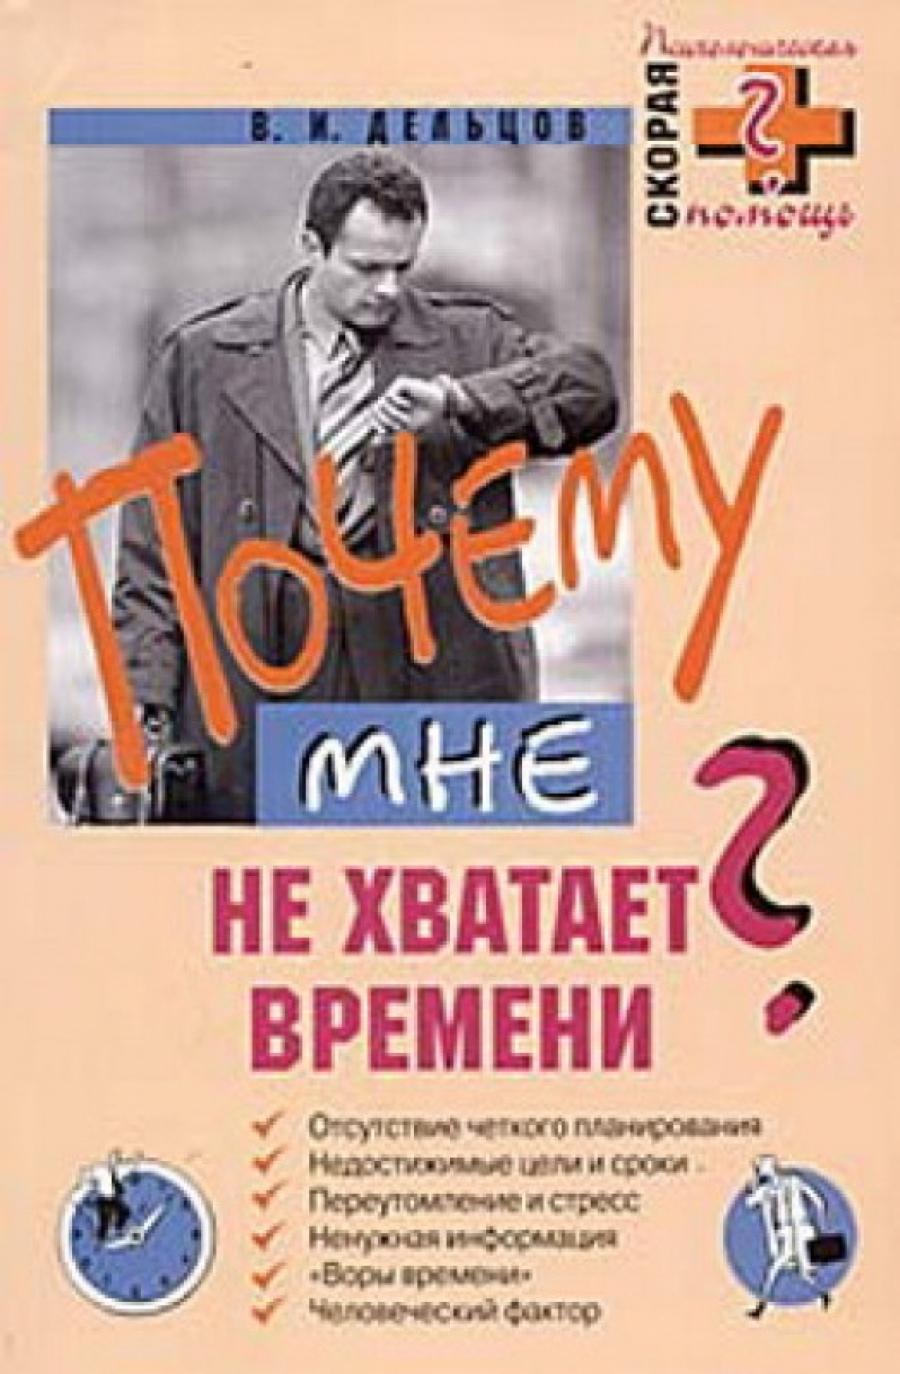 Обложка книги:  скорая психологическая помощь - в. и. дельцов - почему мне не хватает времени